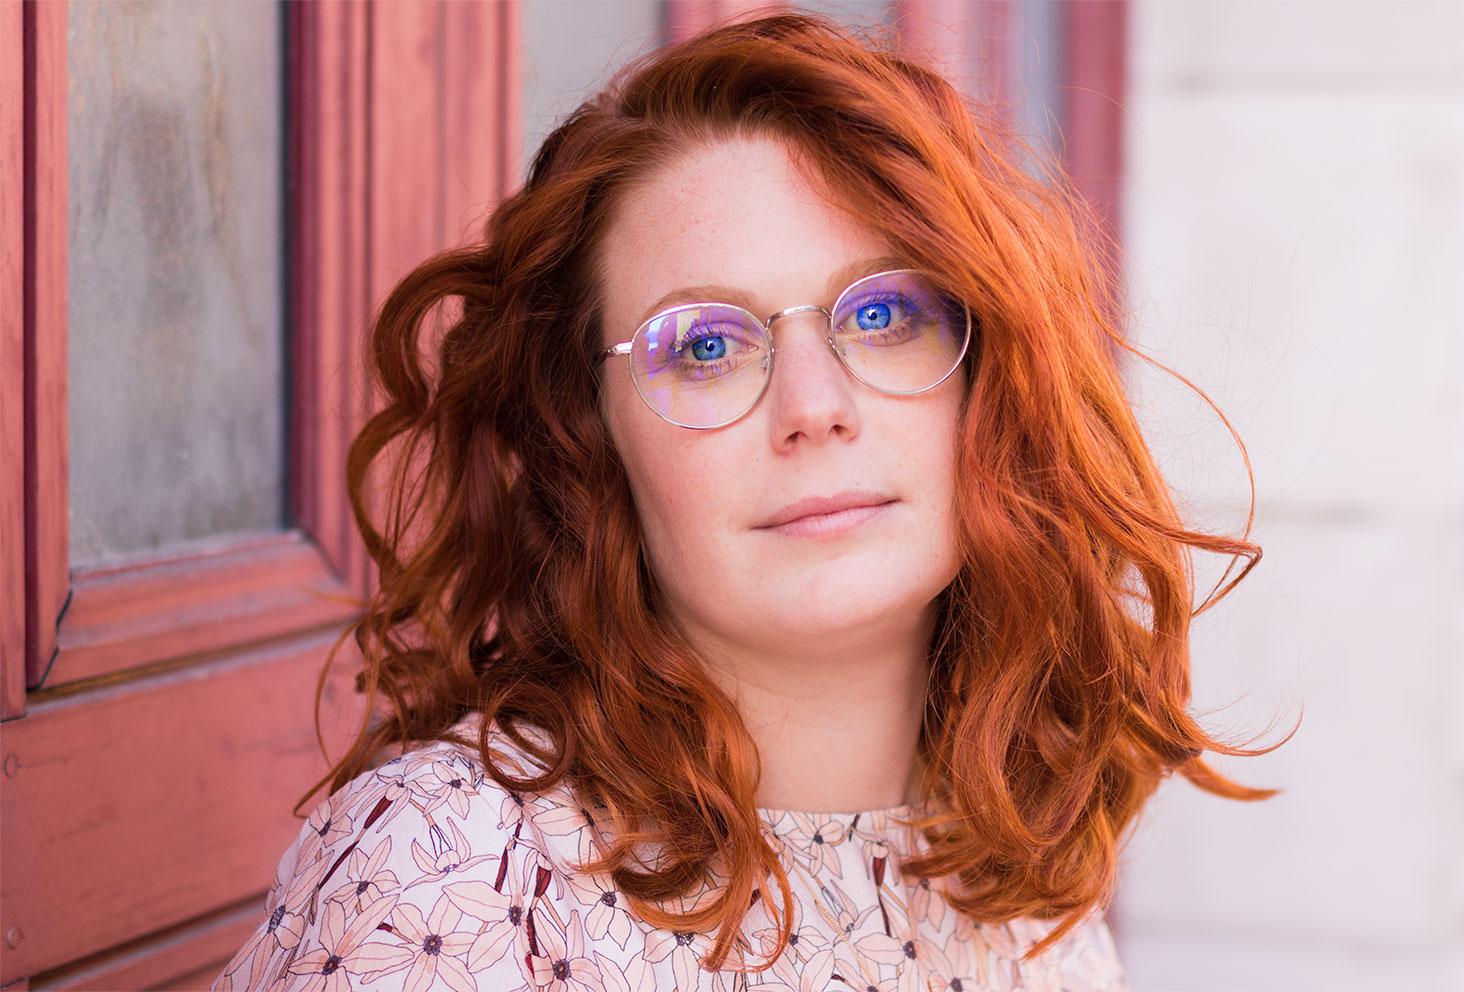 Portrait mélancolique, léger sourire et cheveux très bouclés roux, devant une porte orange